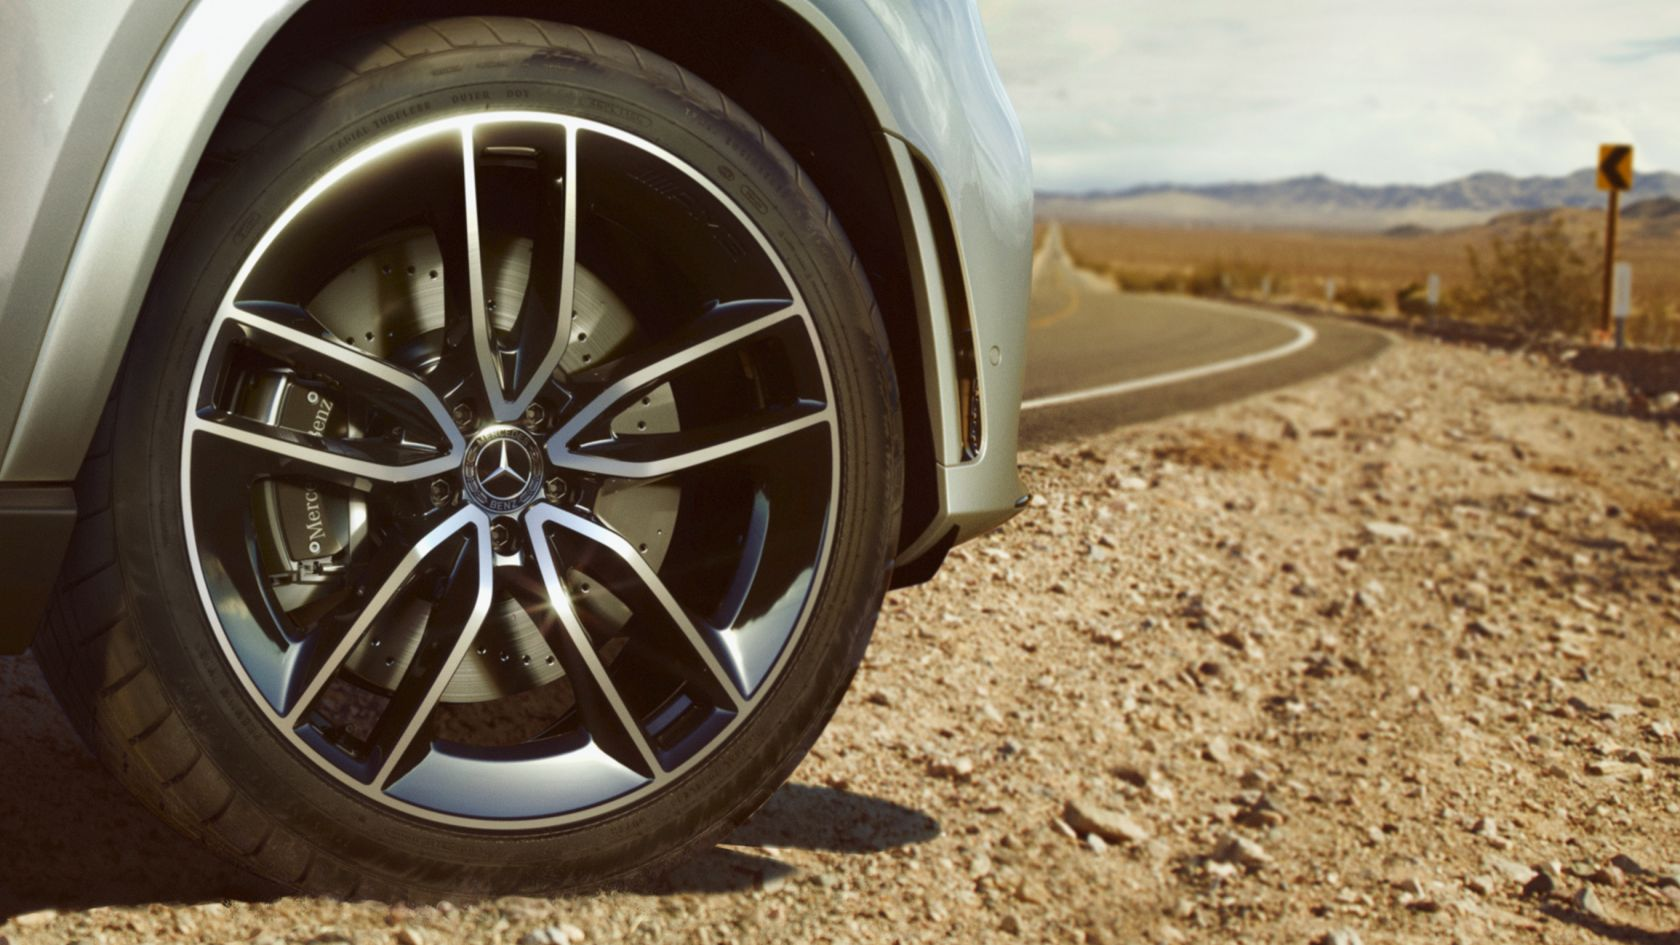 Размер колес до 55.9 см (22 дюймов)